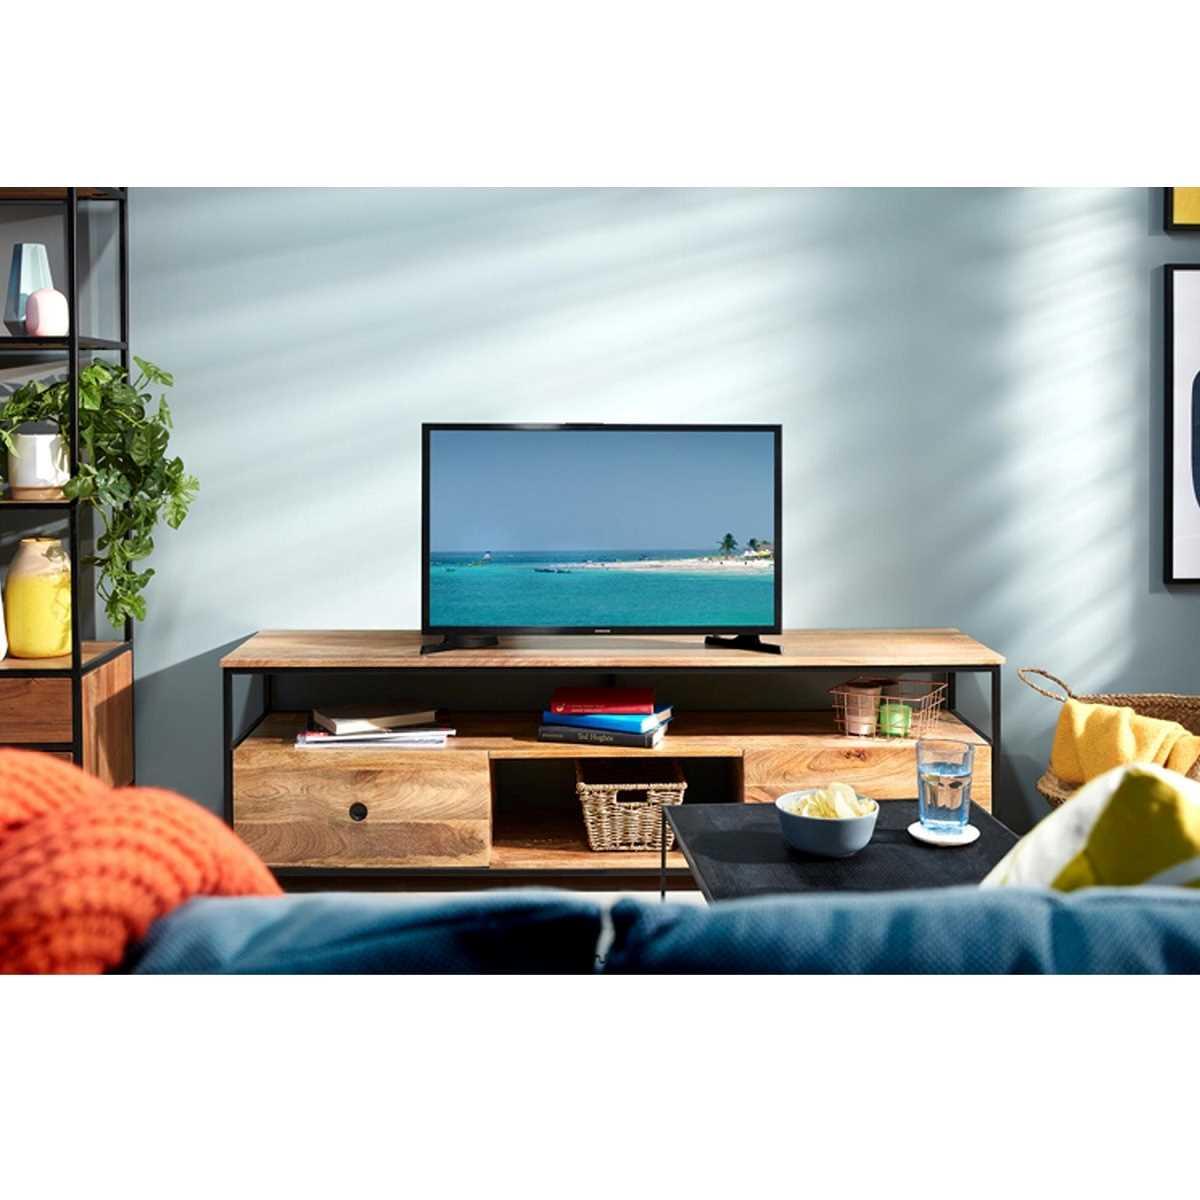 טלוויזיה Samsung UE32T5300 HD Ready 32 אינטש סמסונג - תמונה 5